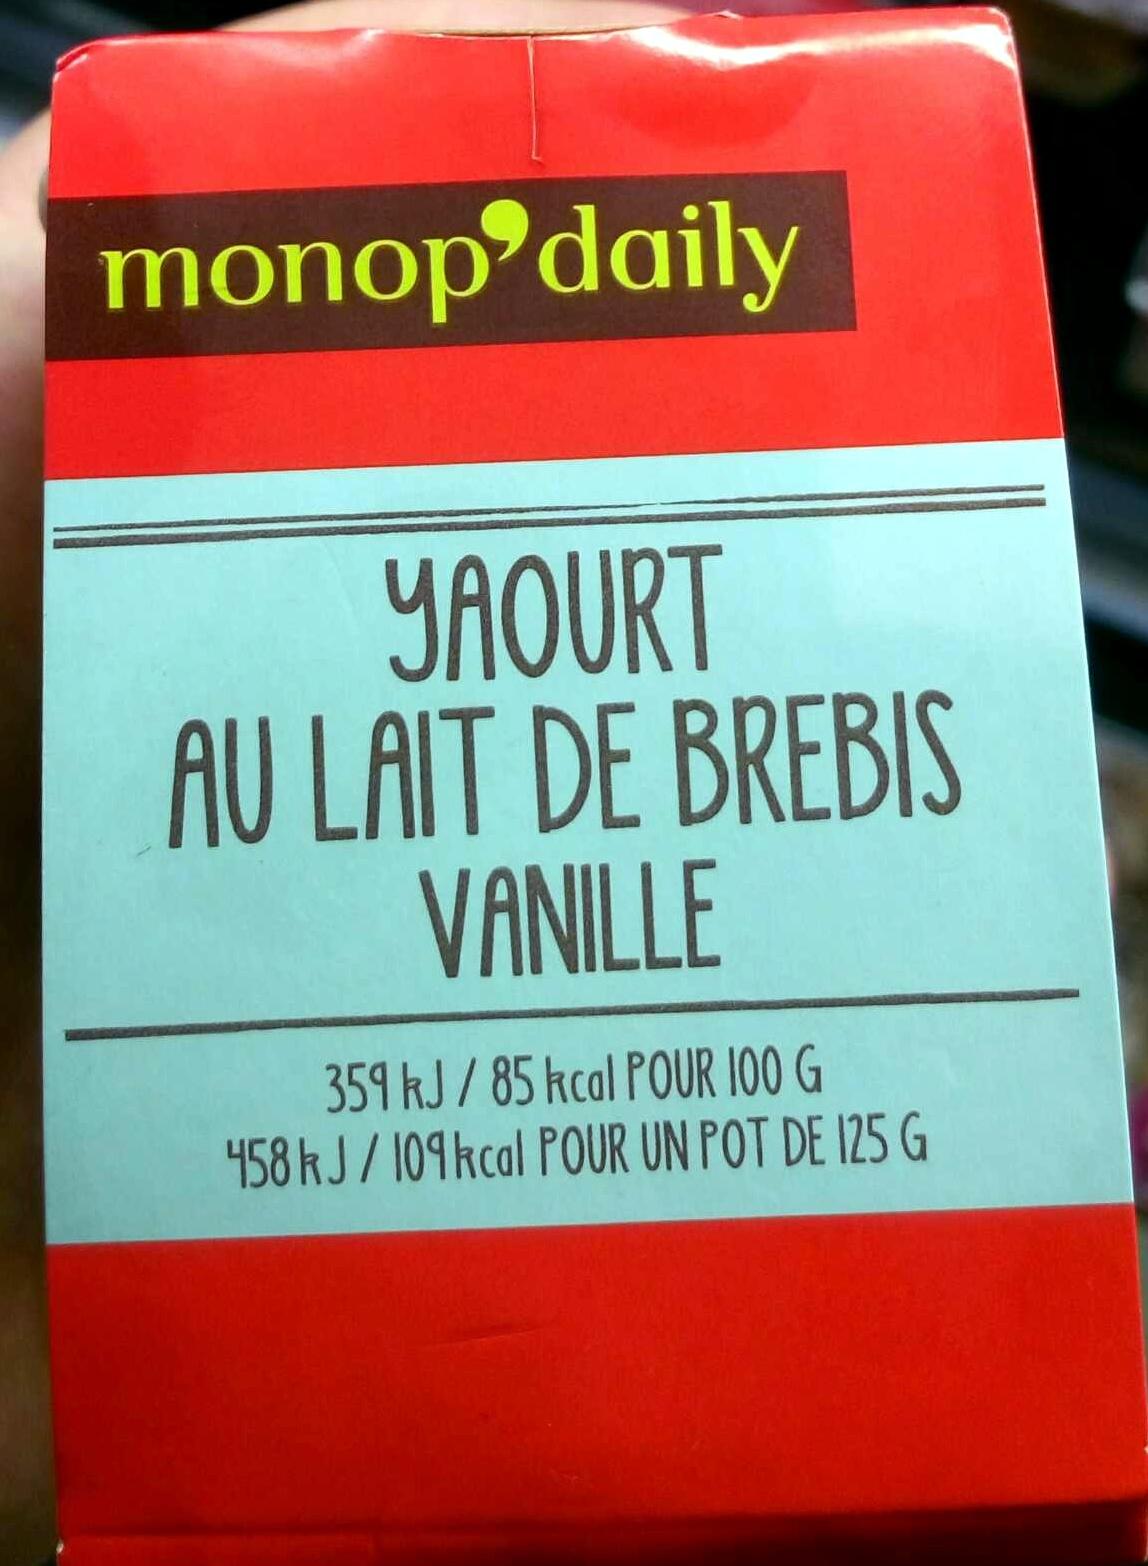 Yaourt au lait de brebis vanille - Product - fr